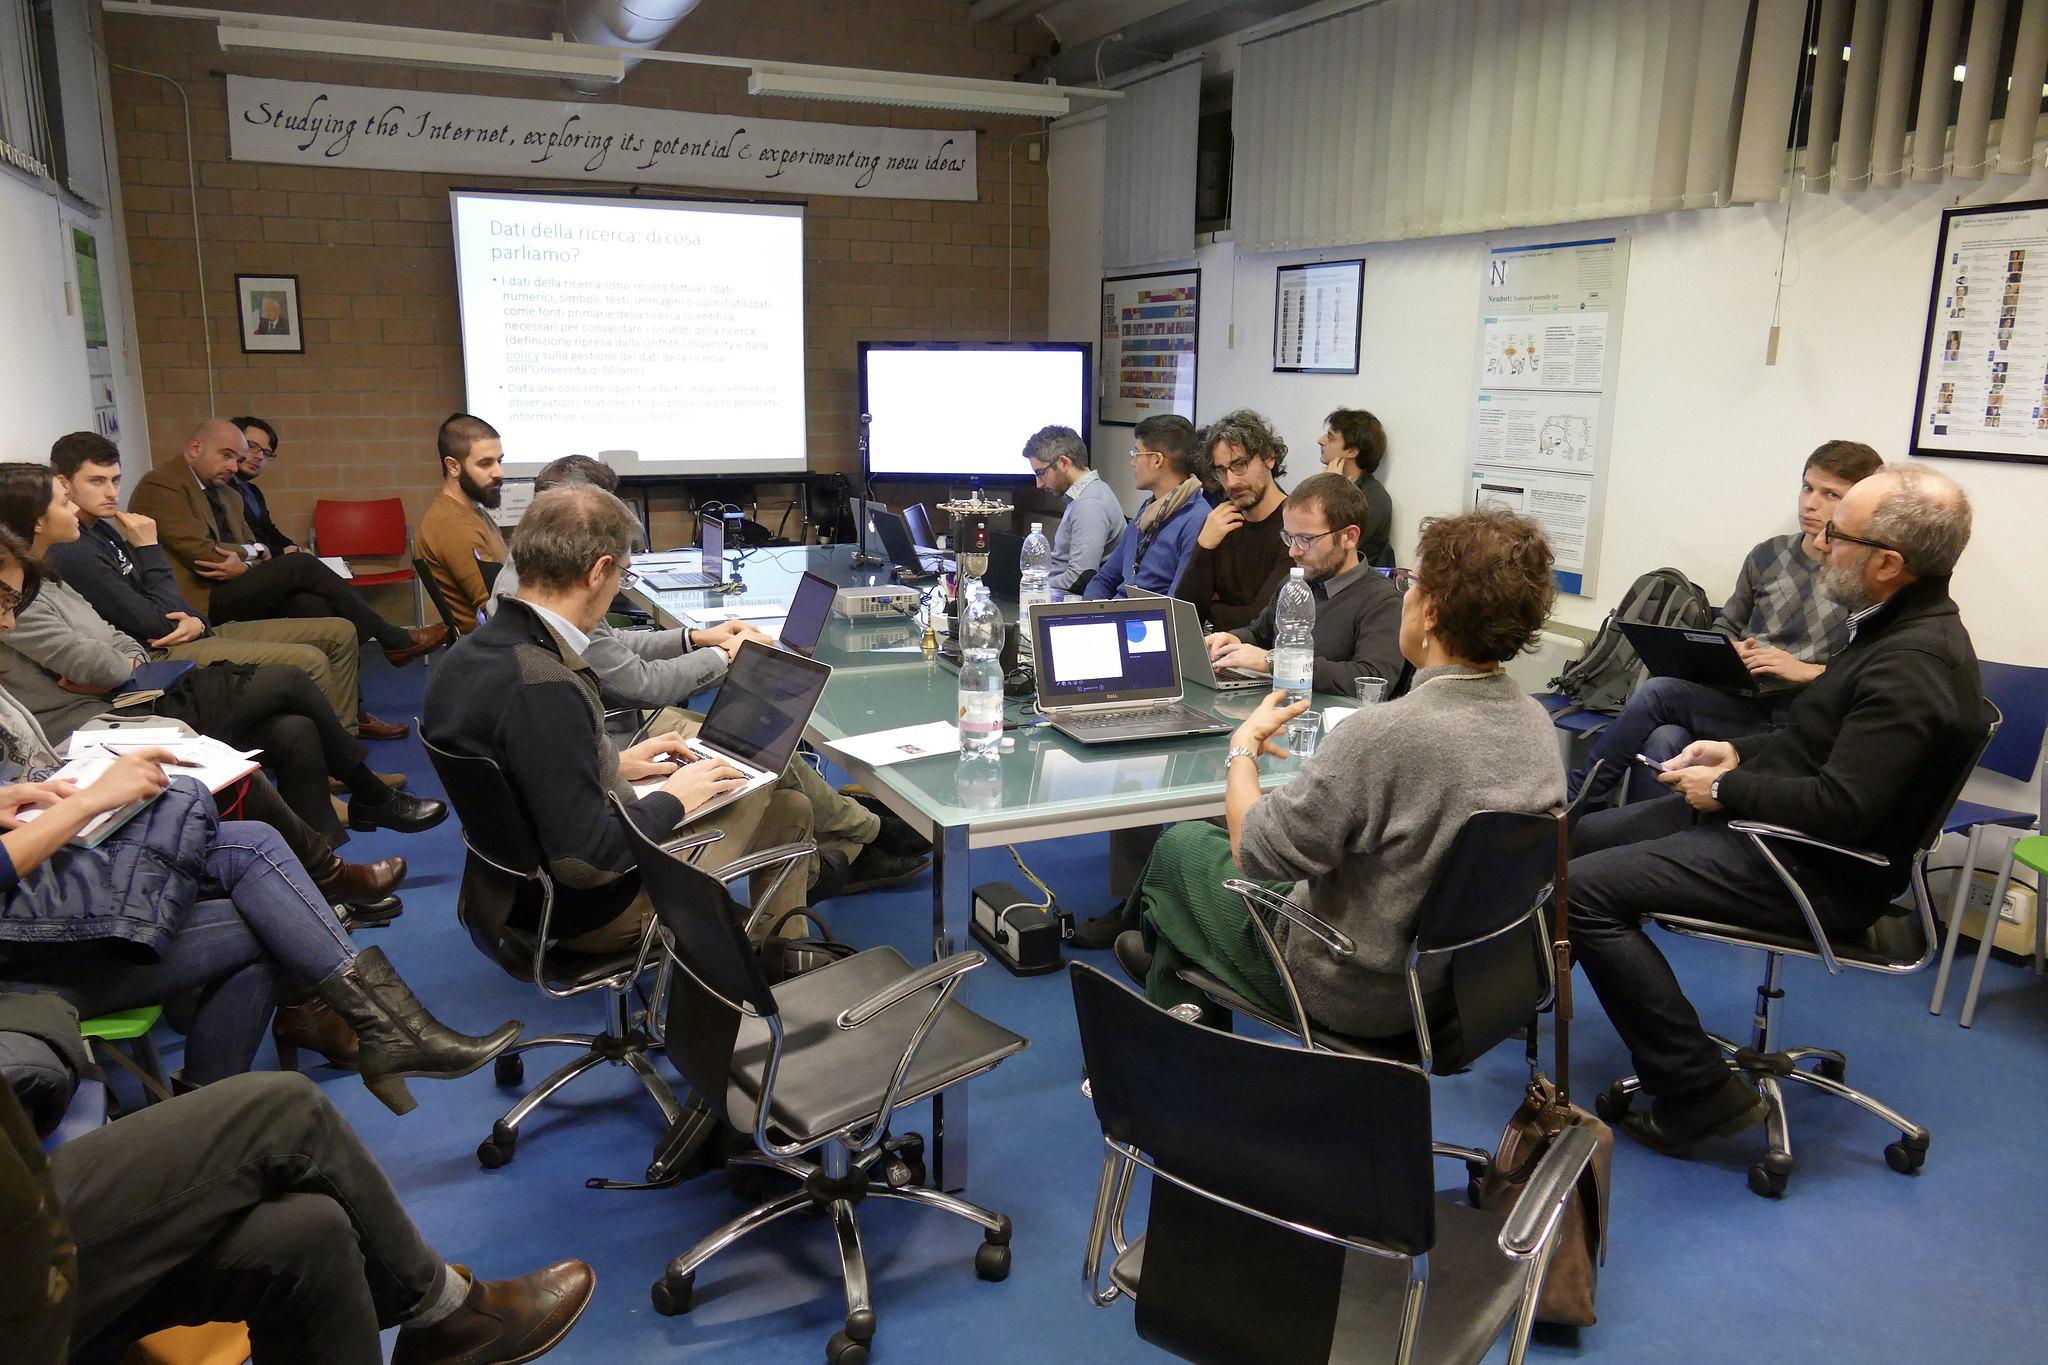 104° Mercoledì di Nexa - I dati della ricerca e il loro utilizzo: le iniziative in corso nel nostro paese